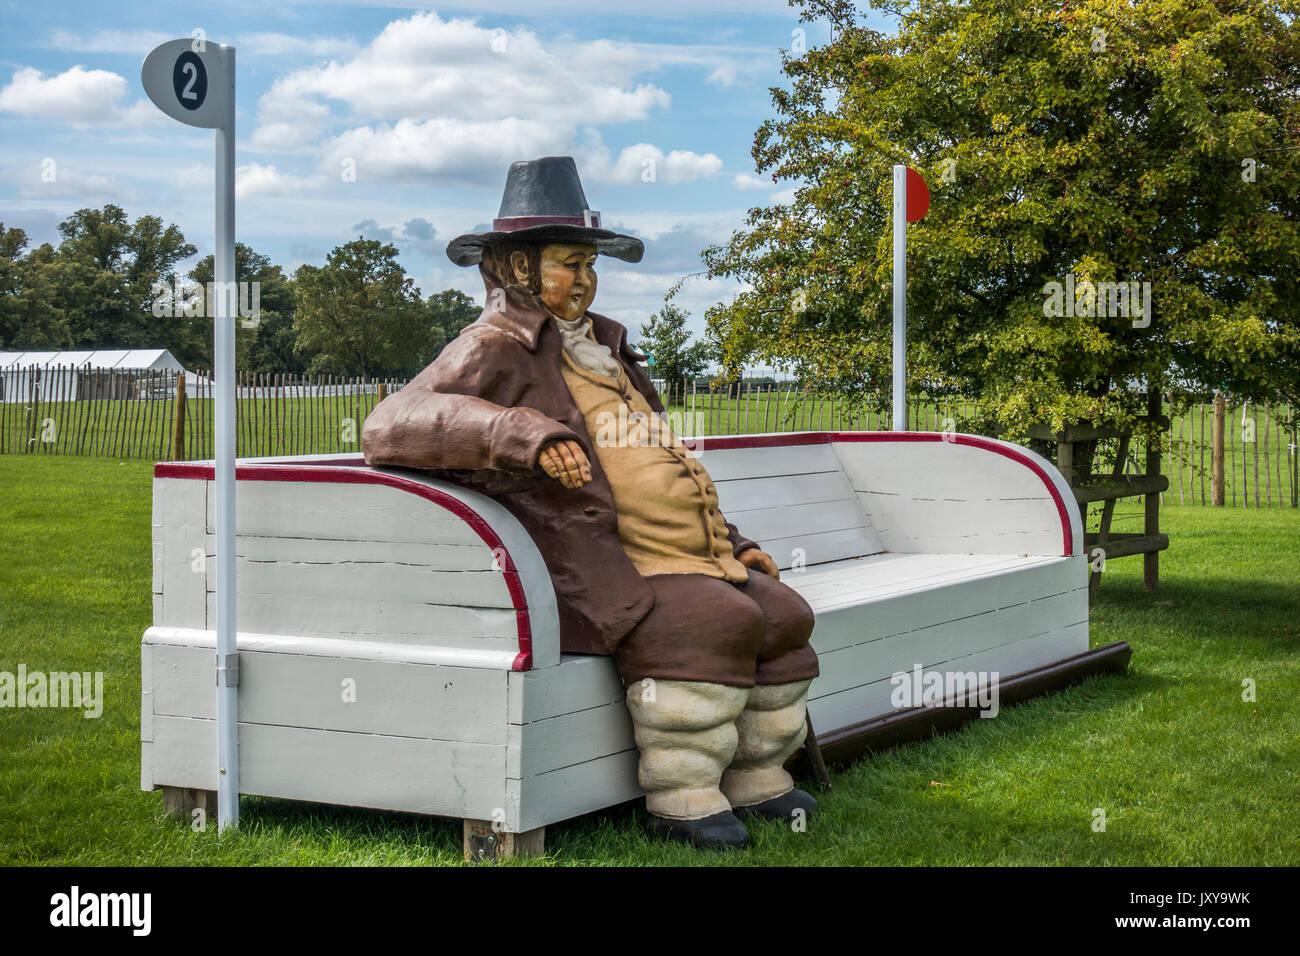 Fat man Pferd springen an Ort und Stelle bereit für die jährliche horse trials Veranstaltung, auf der Burghley House Estate in der Nähe von Stamford, England, UK. Stockbild